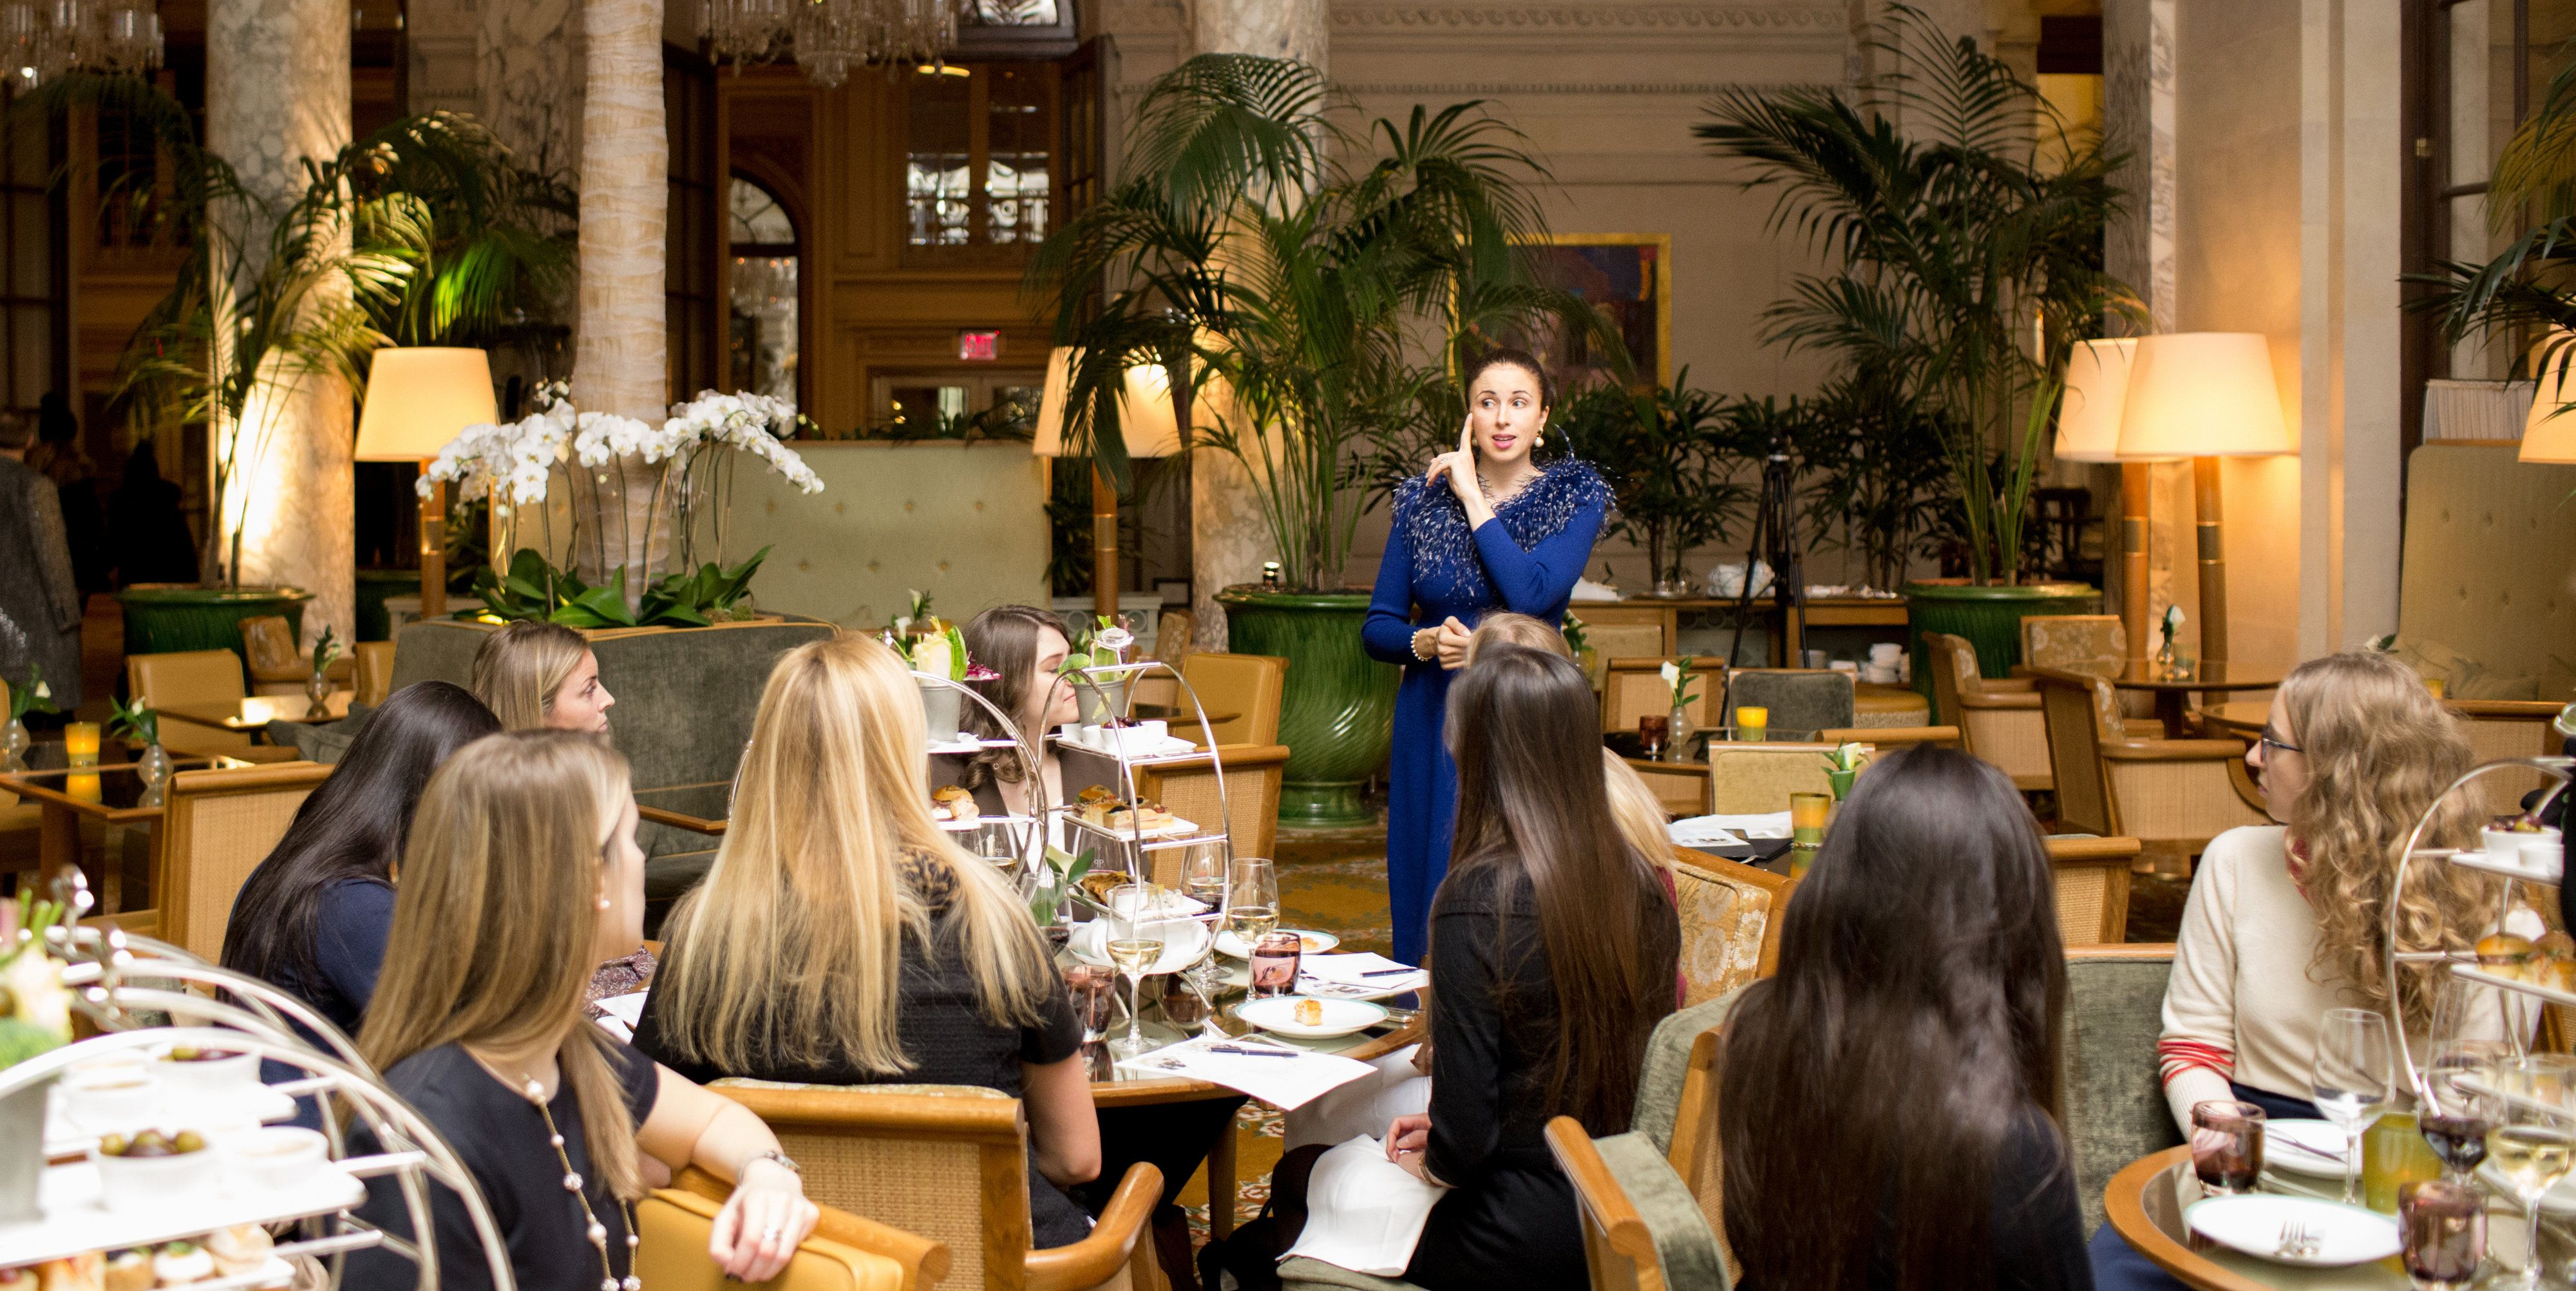 myka meier plaza etiquette class